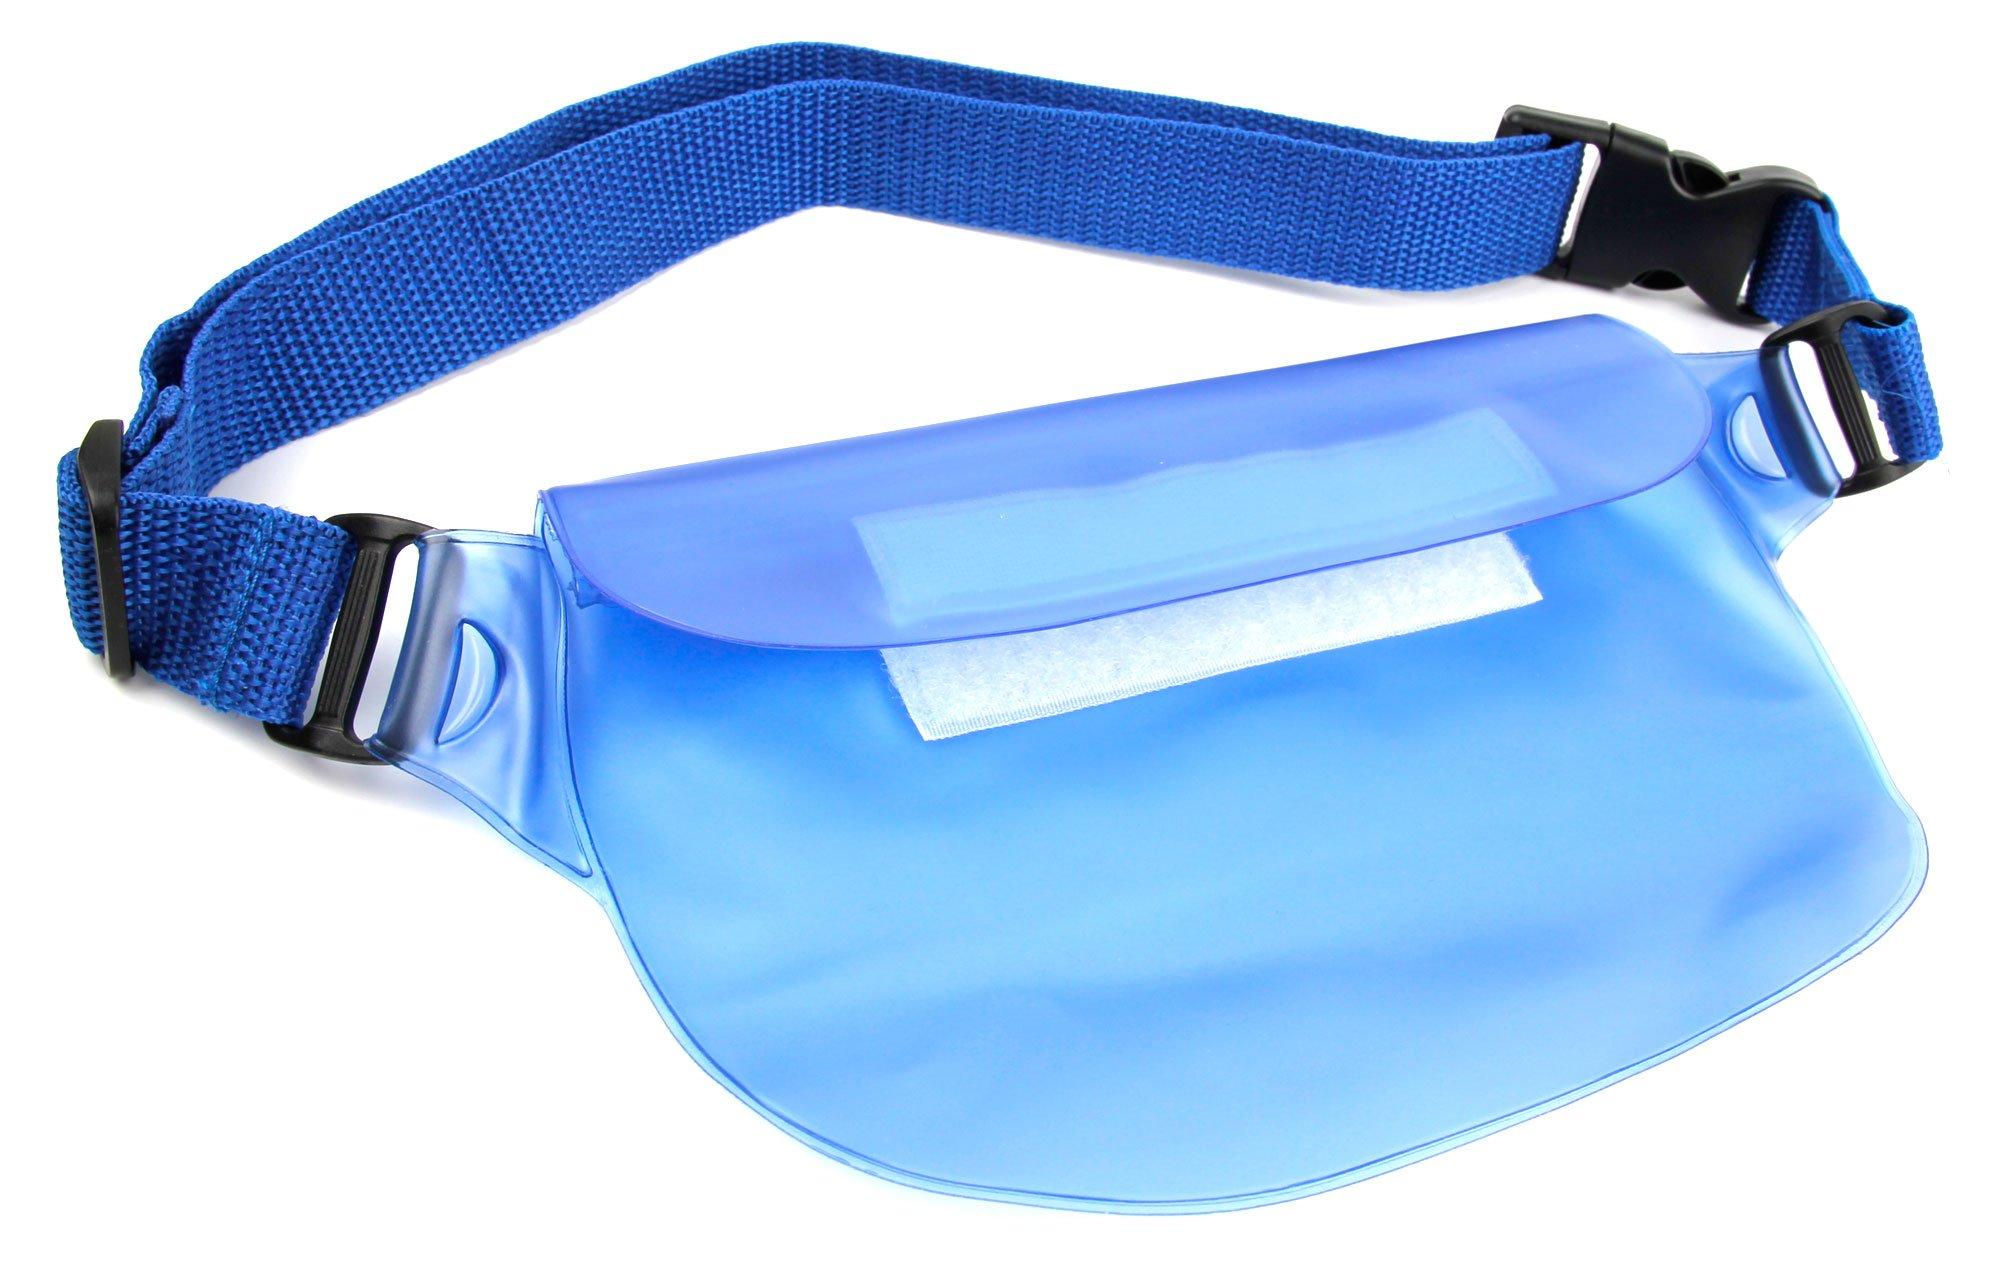 DURAGADGET Riñonera Azul Compatible con Smartphone ZTE Nubia Z20: Amazon.es: Electrónica